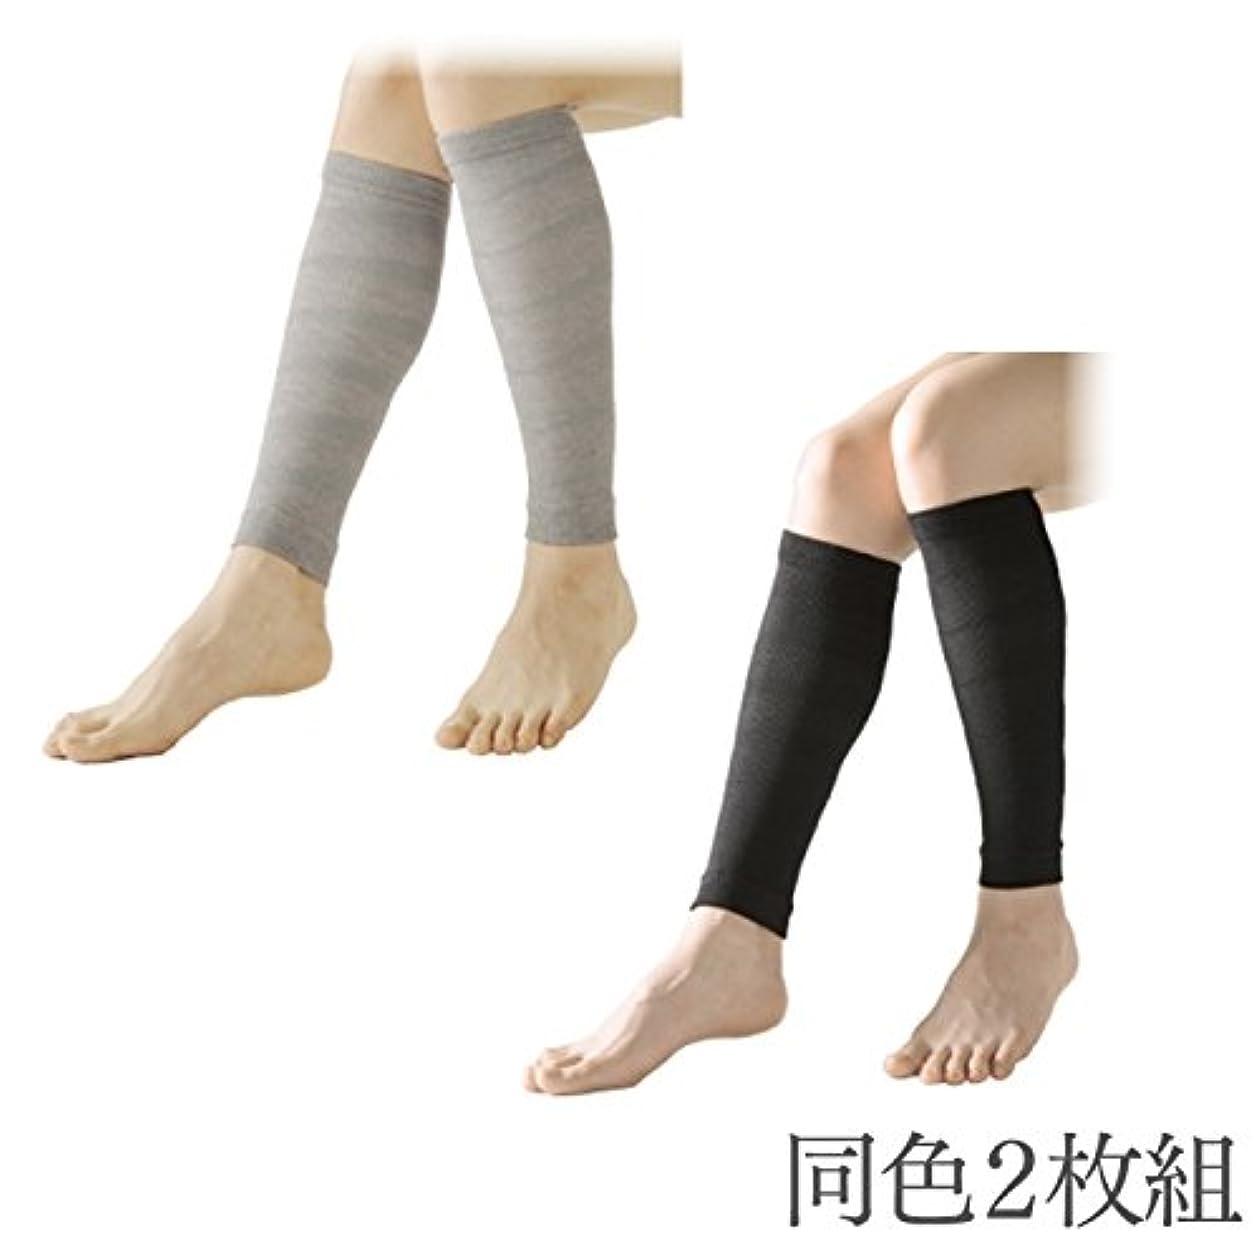 クレアゲームシステム着圧ソックス 足のむくみ 靴下 むくみ解消 着圧ふくらはぎサポーター 2枚組